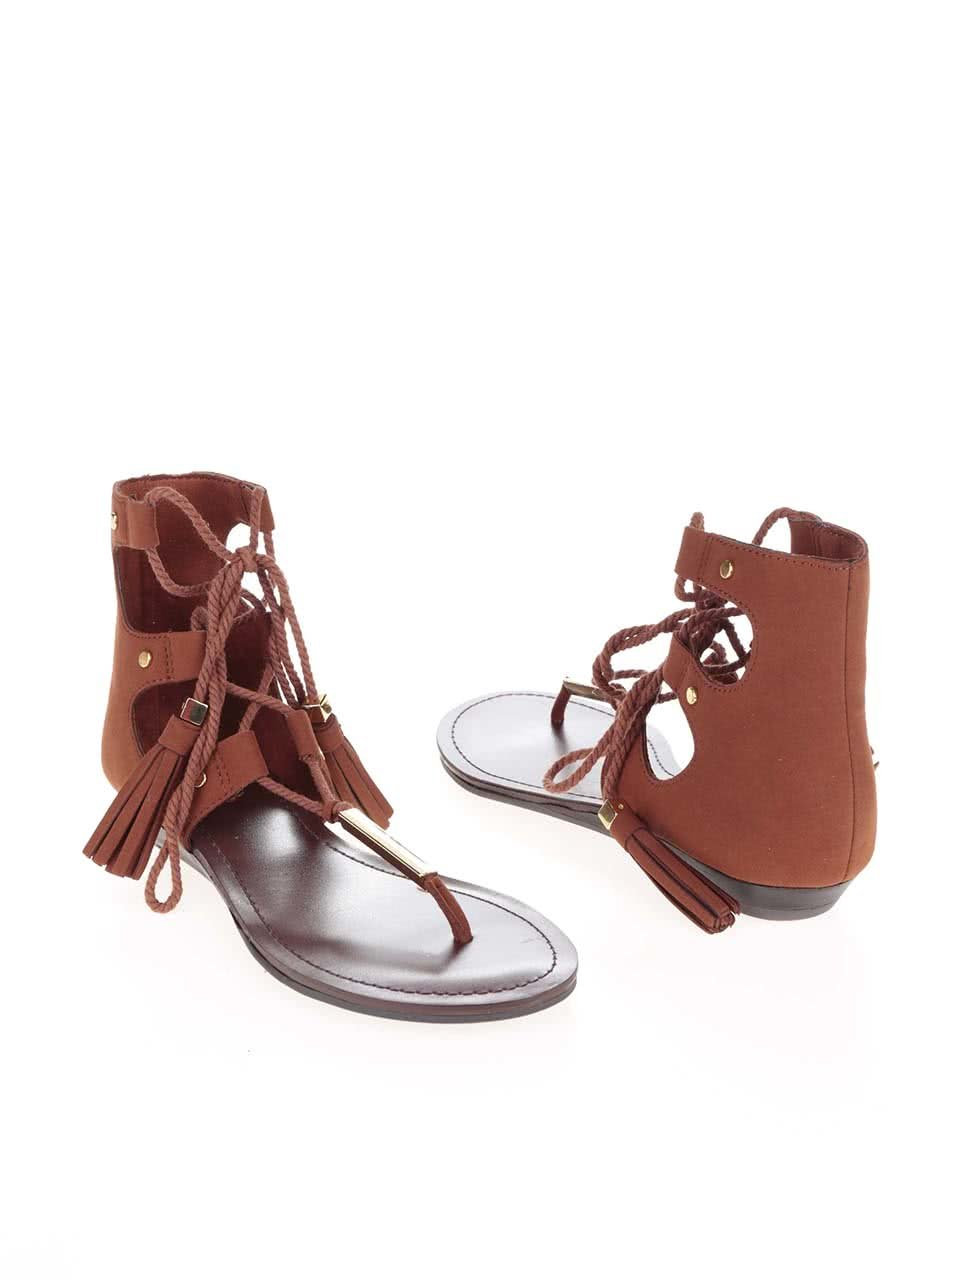 7f6b5a4b5316 Hnedé sandále so šnurovaním a zdobením v zlatej farbe ALDO Jakki ...